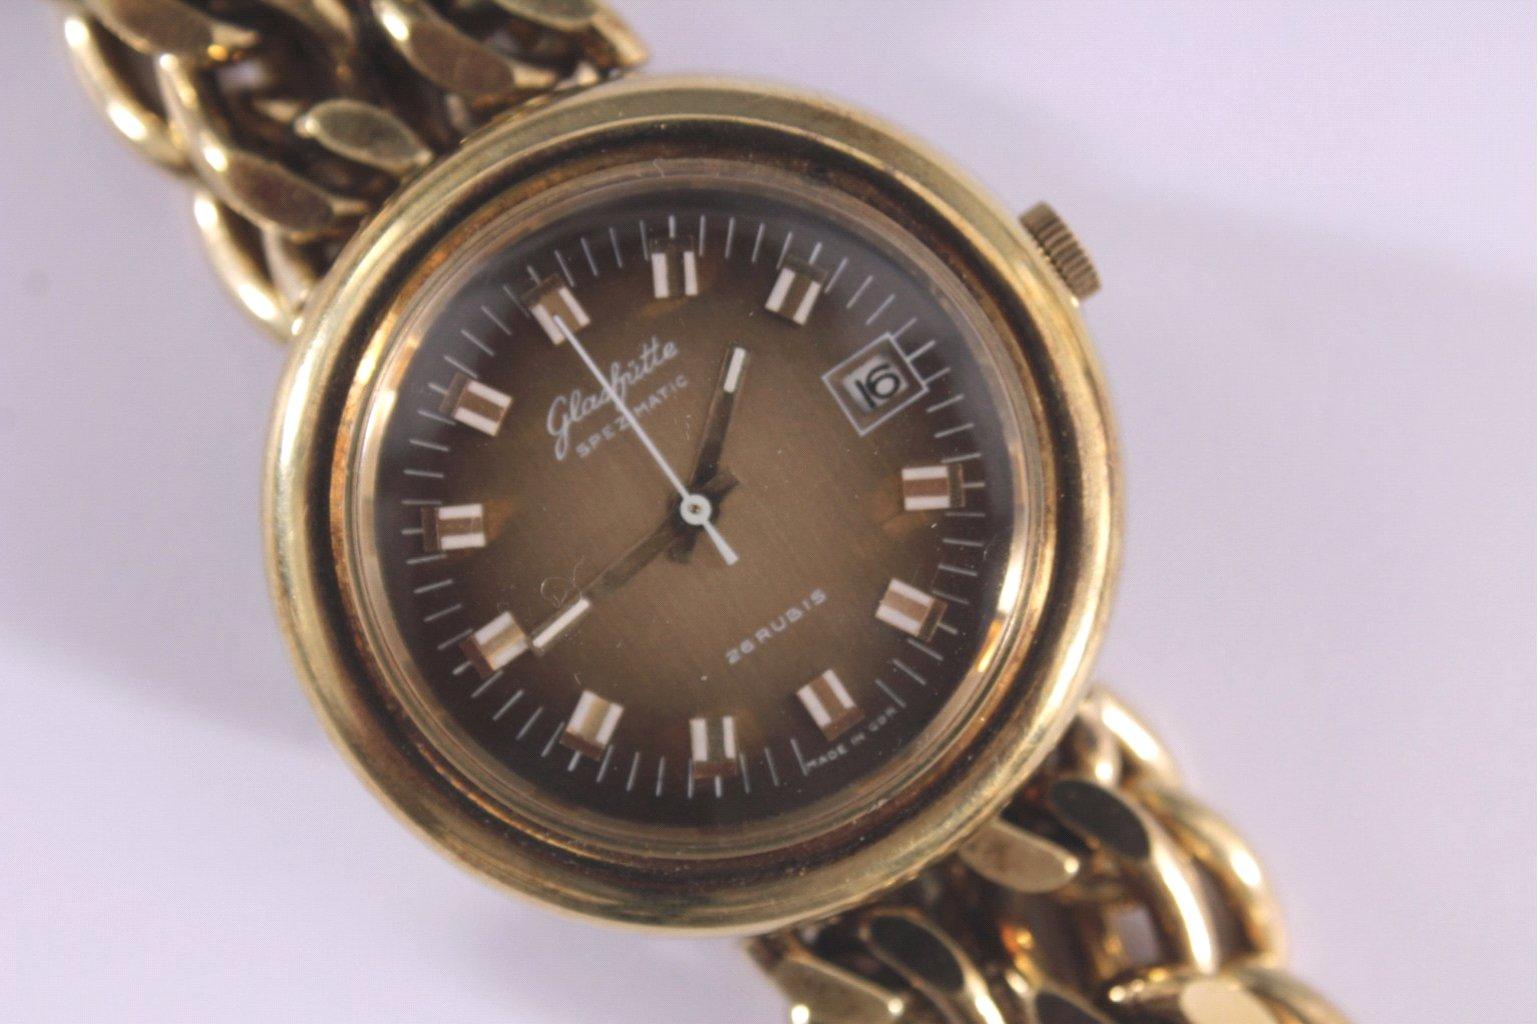 Glashütte Armbanduhr aus den 70er Jahren, Vintage-2